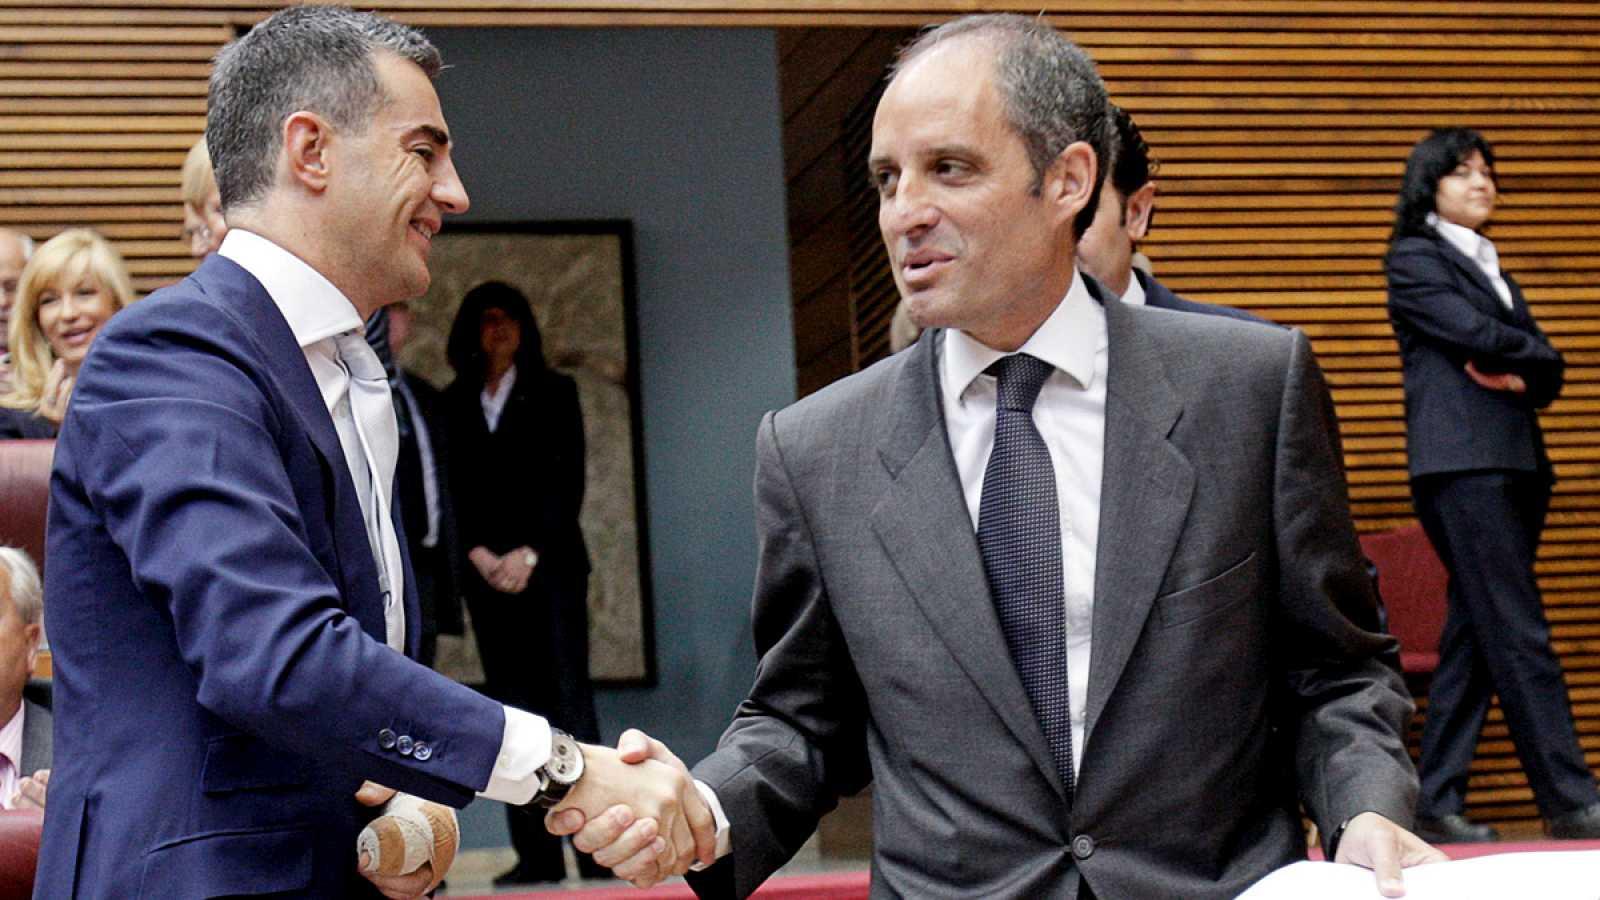 Ricardo Costa y Francisco Camps se saludan en las Cortes Valencianas en una imagen de archivo